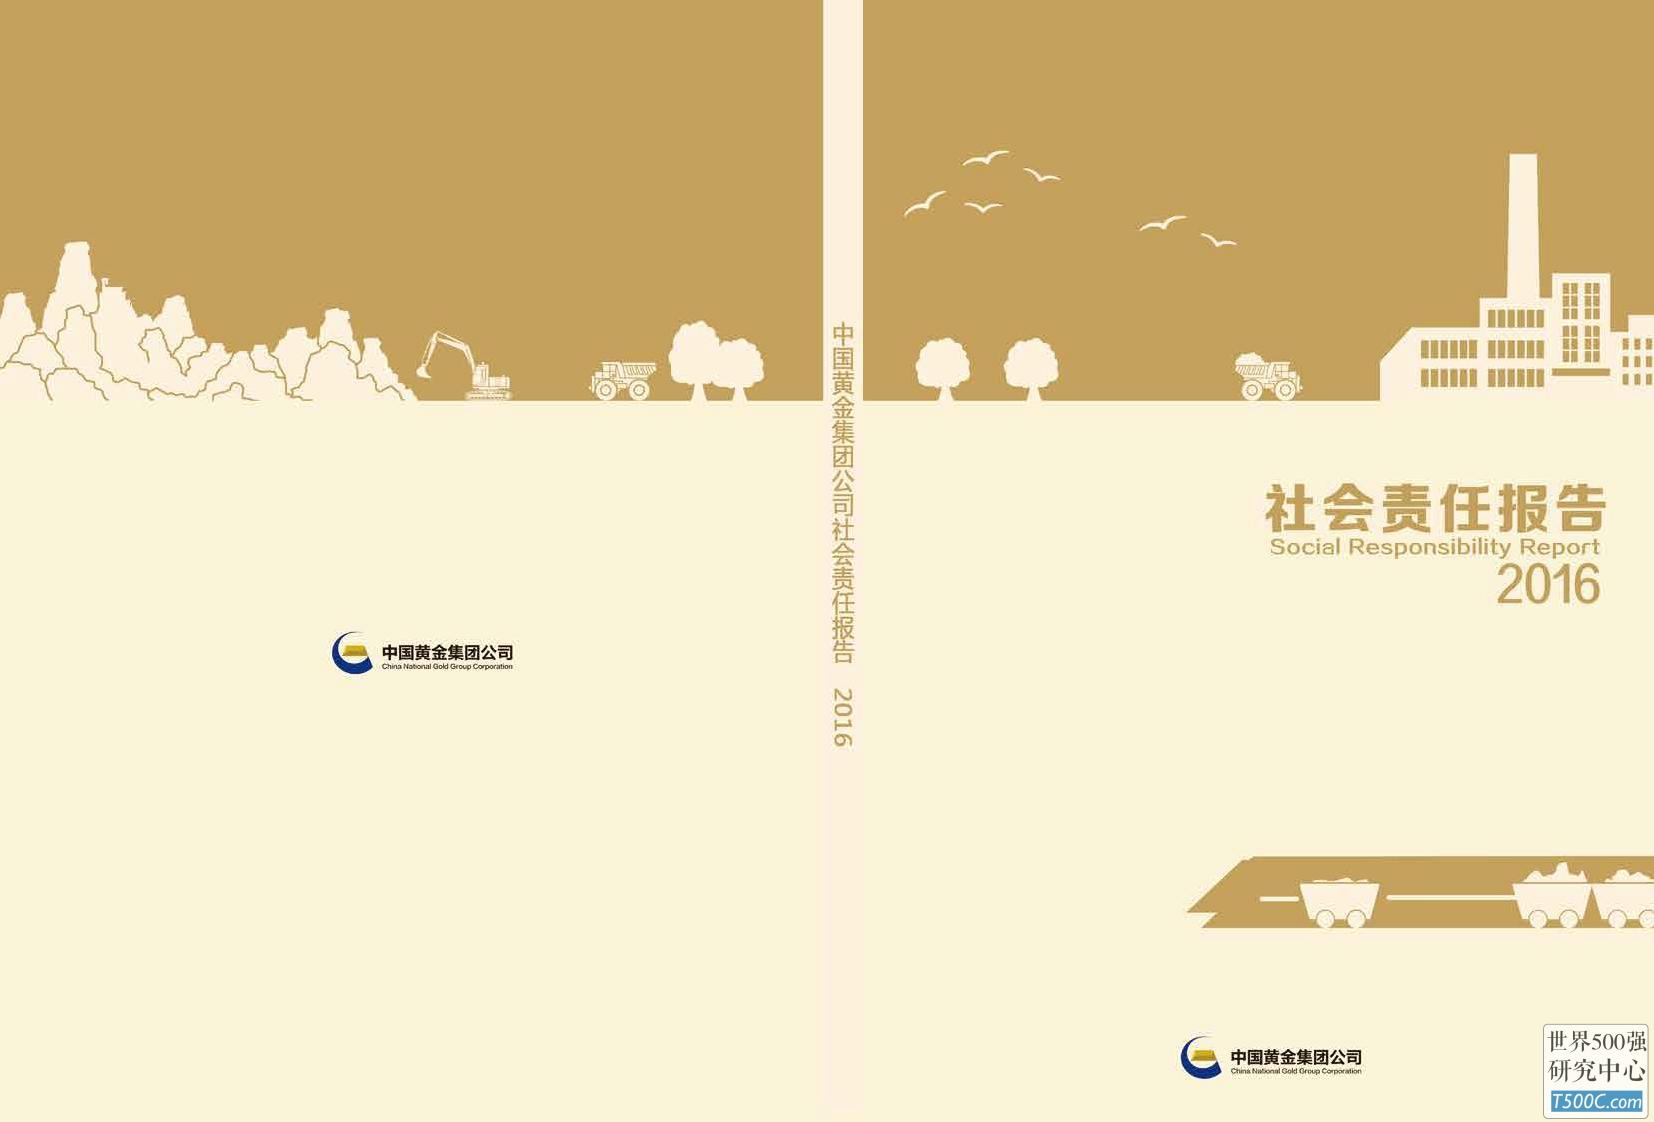 中国黄金集团公司2016年社会责任报告